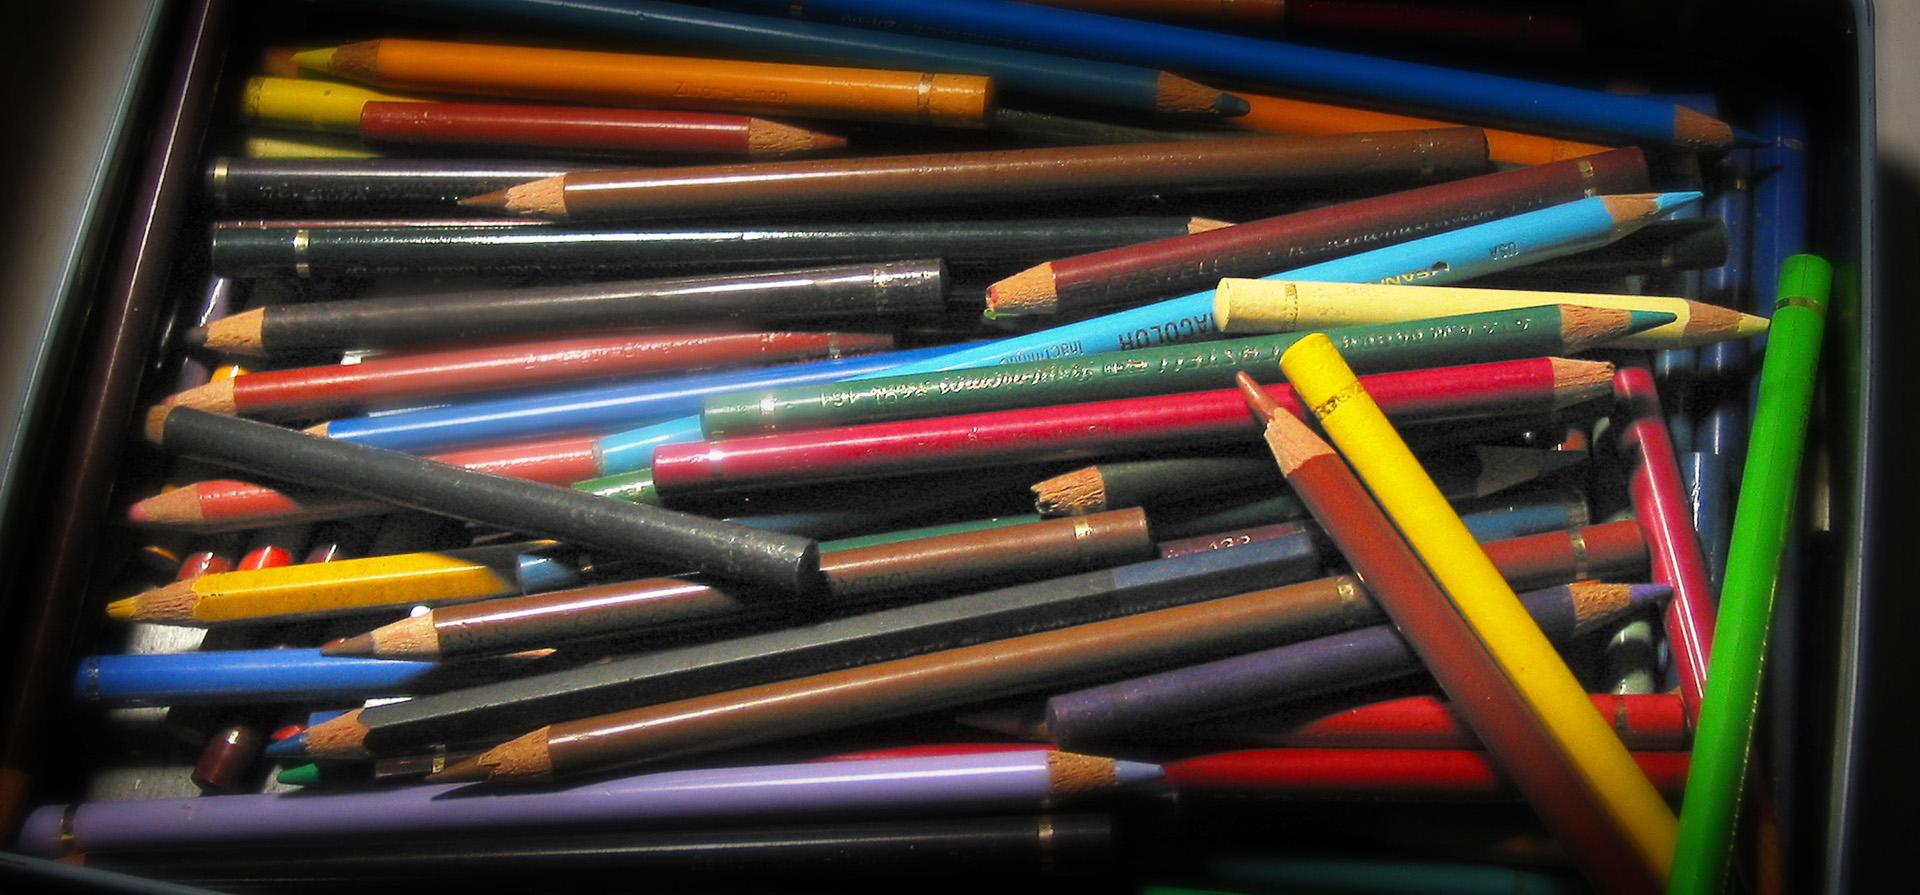 Front-Slide_Case-Studies_Pencil-Box_Low-Blur_180dpi_04E